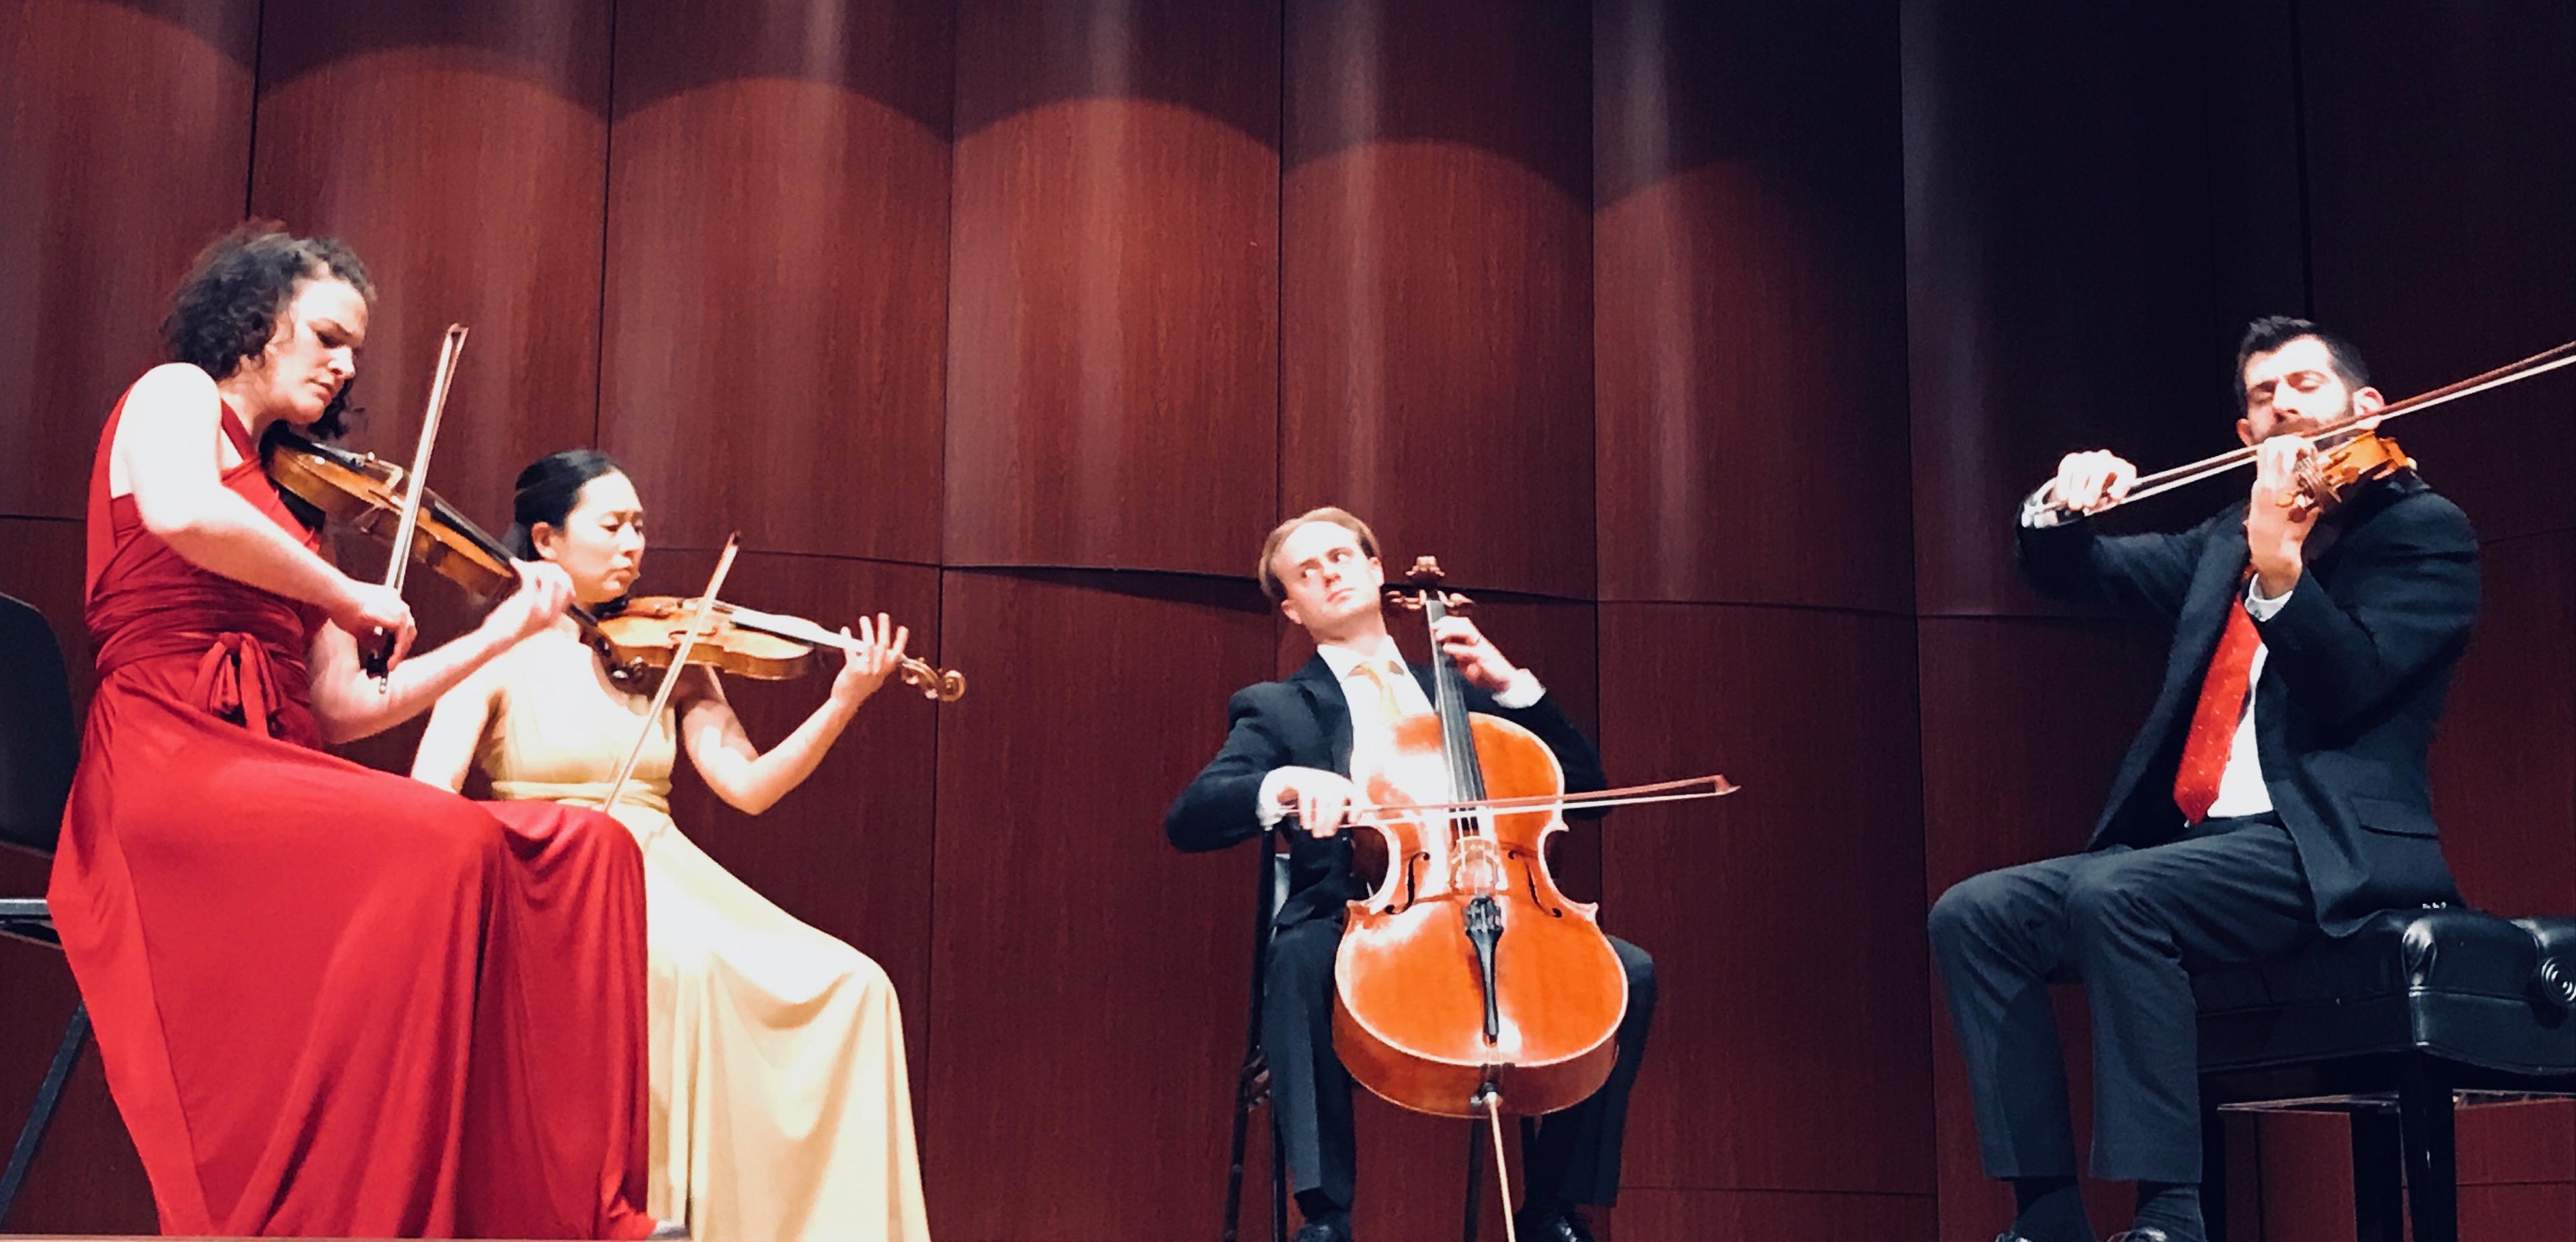 Chiara Quartet El Paso performance.jpg